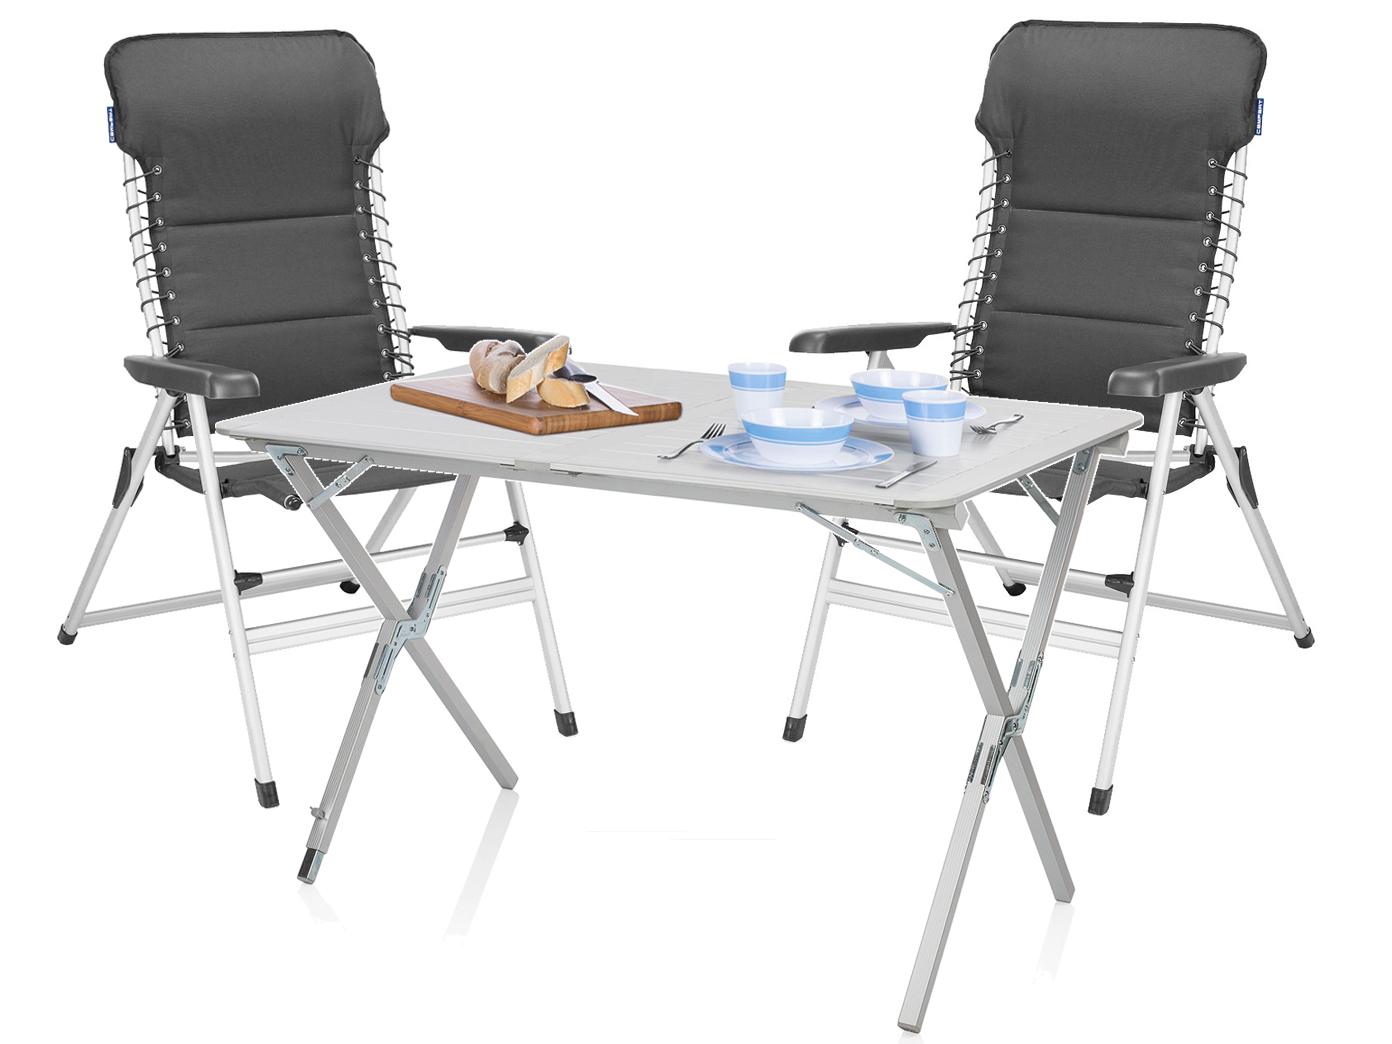 CAMPING SET ALU Campingtisch mit Stühlen Rolltisch Tisch und 2x ...